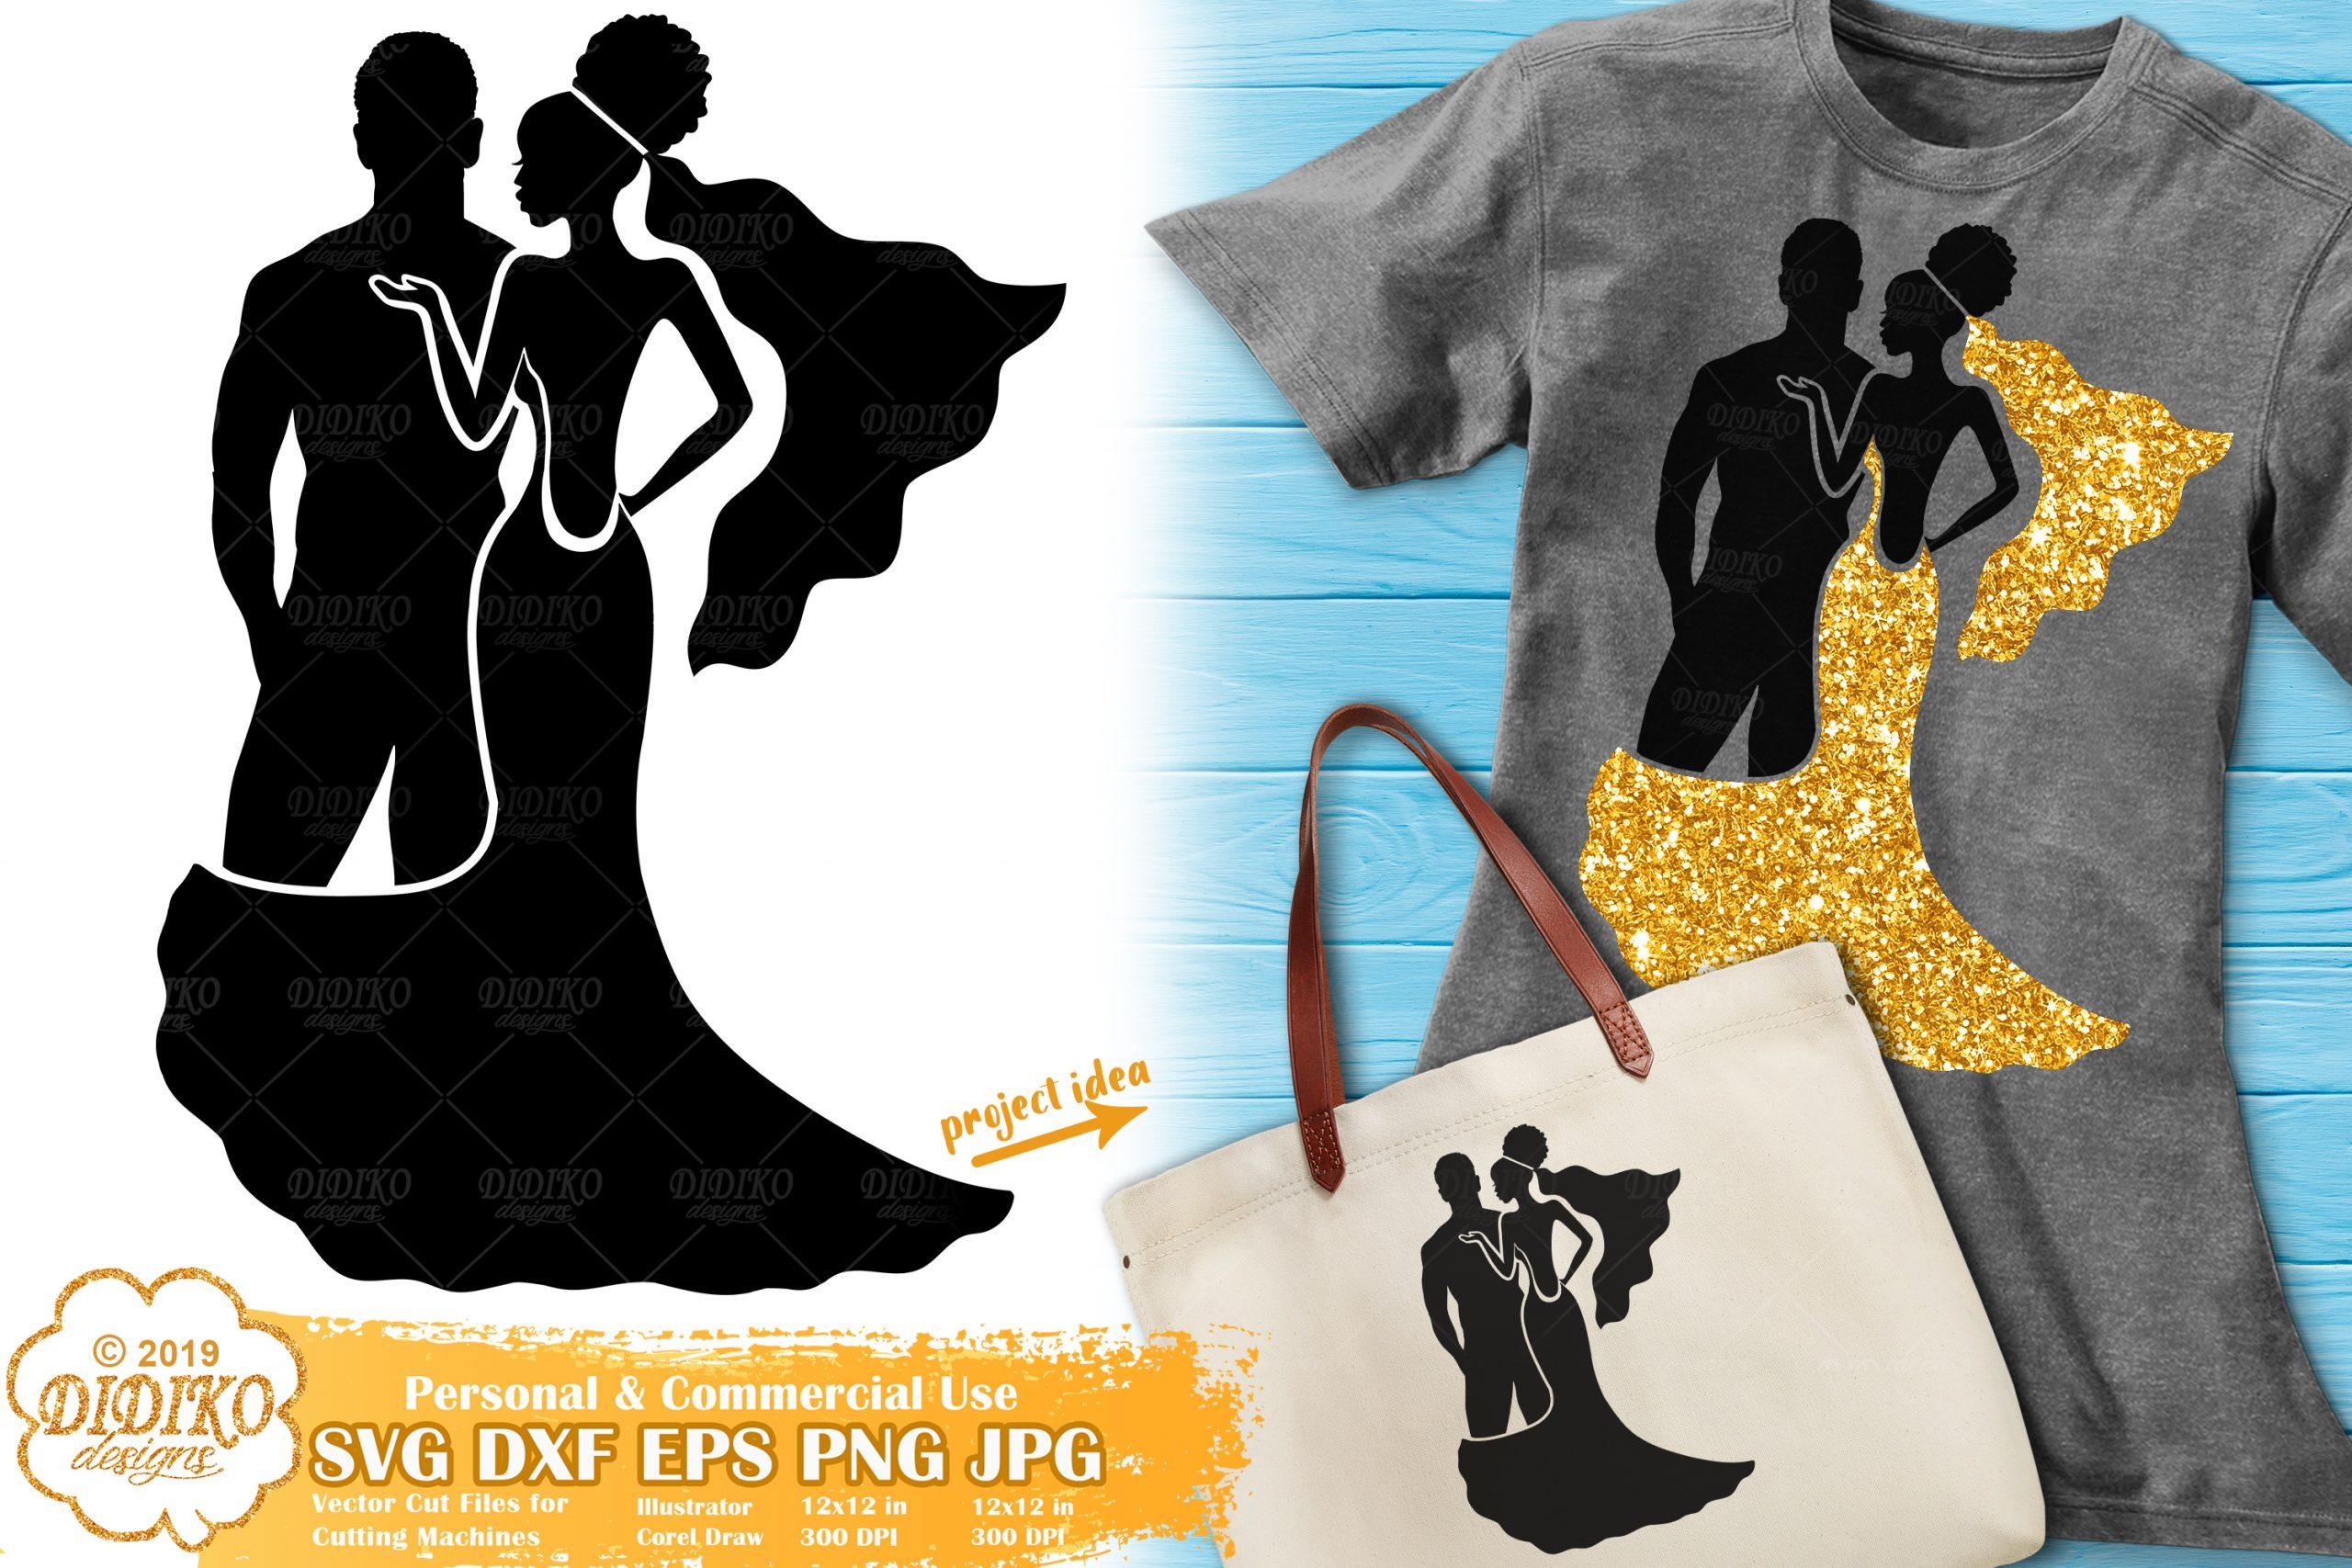 Wedding Svg Black Woman Svg Bride Svg Cut File Didiko Designs